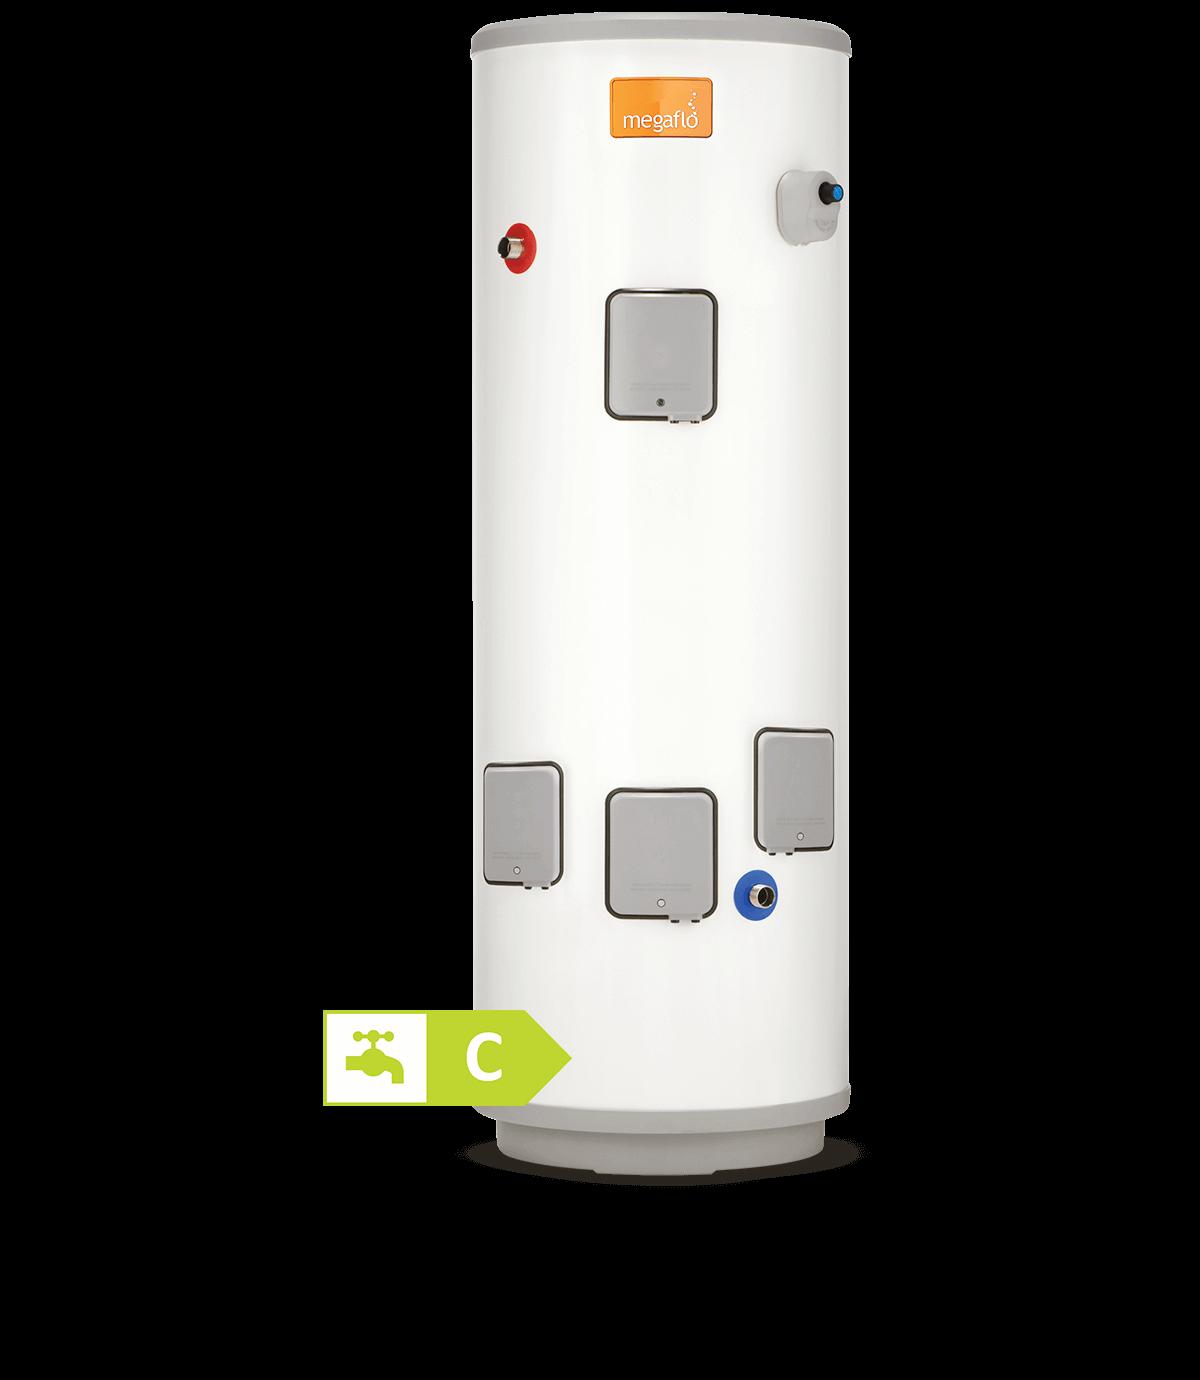 Megaflo immersion heater wiring diagram the best wiring diagram 2017 megaflo eco plus high capacity unvented cylinder megaflo shru installation instructions swarovskicordoba Choice Image